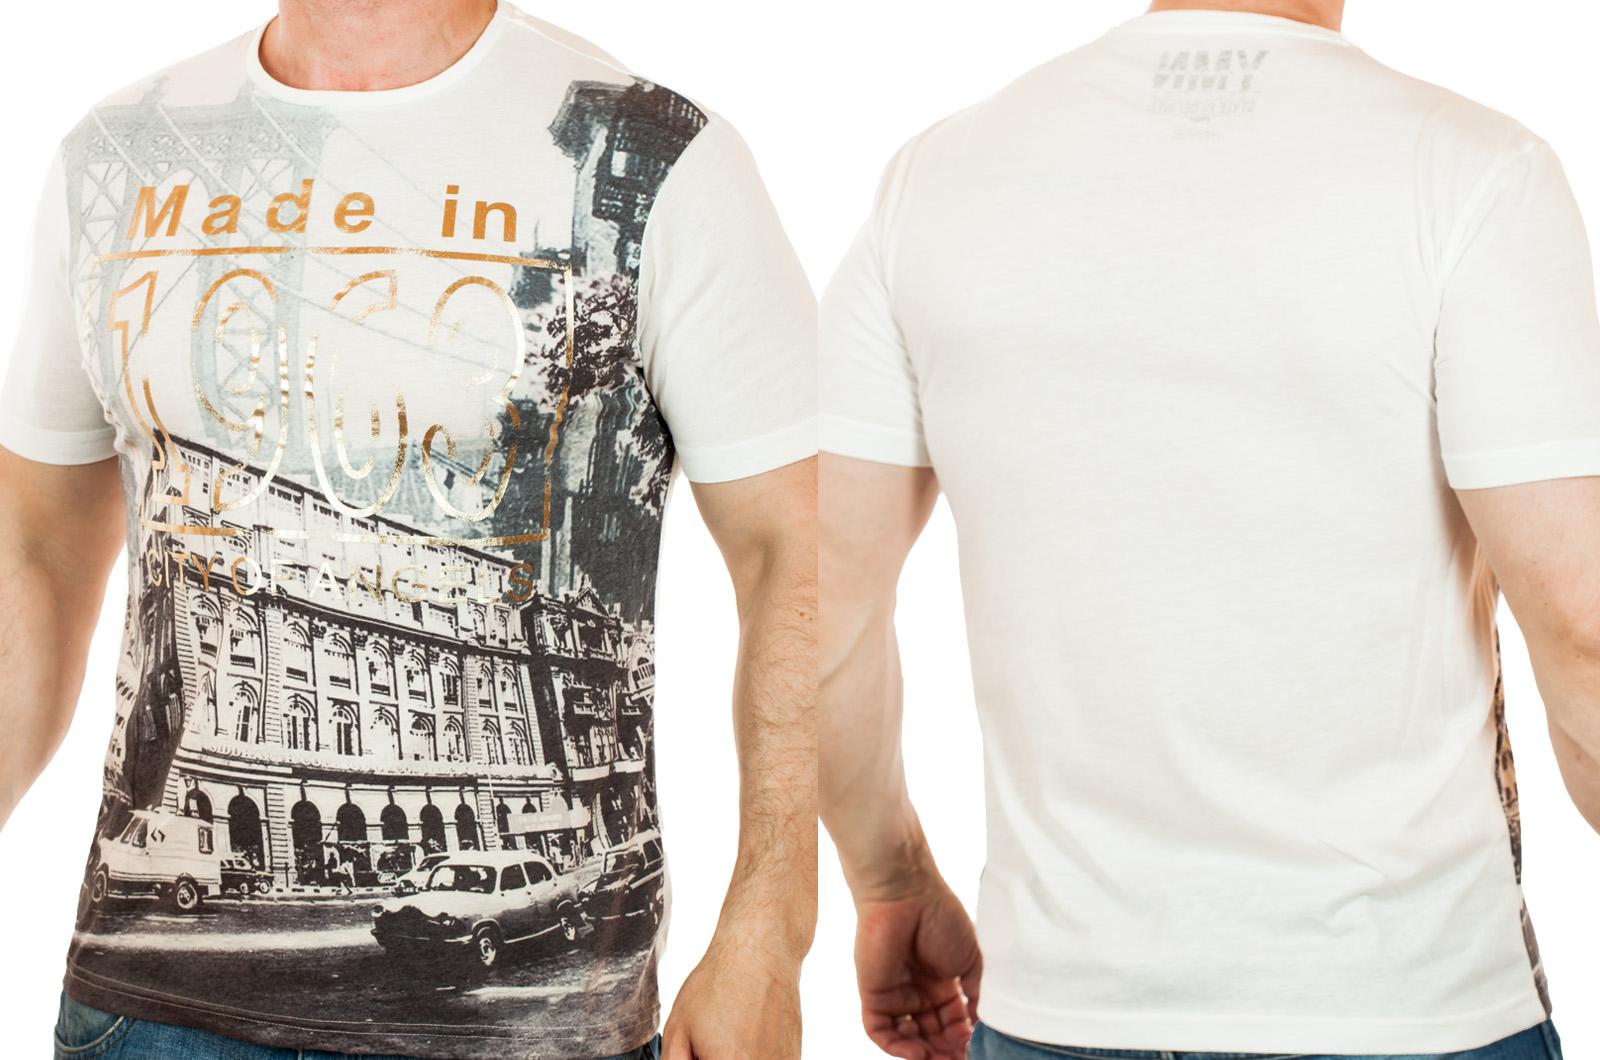 Мужская футболка от ТМ YMN из коллекции Limited Edition. Эксклюзивный фото-принт